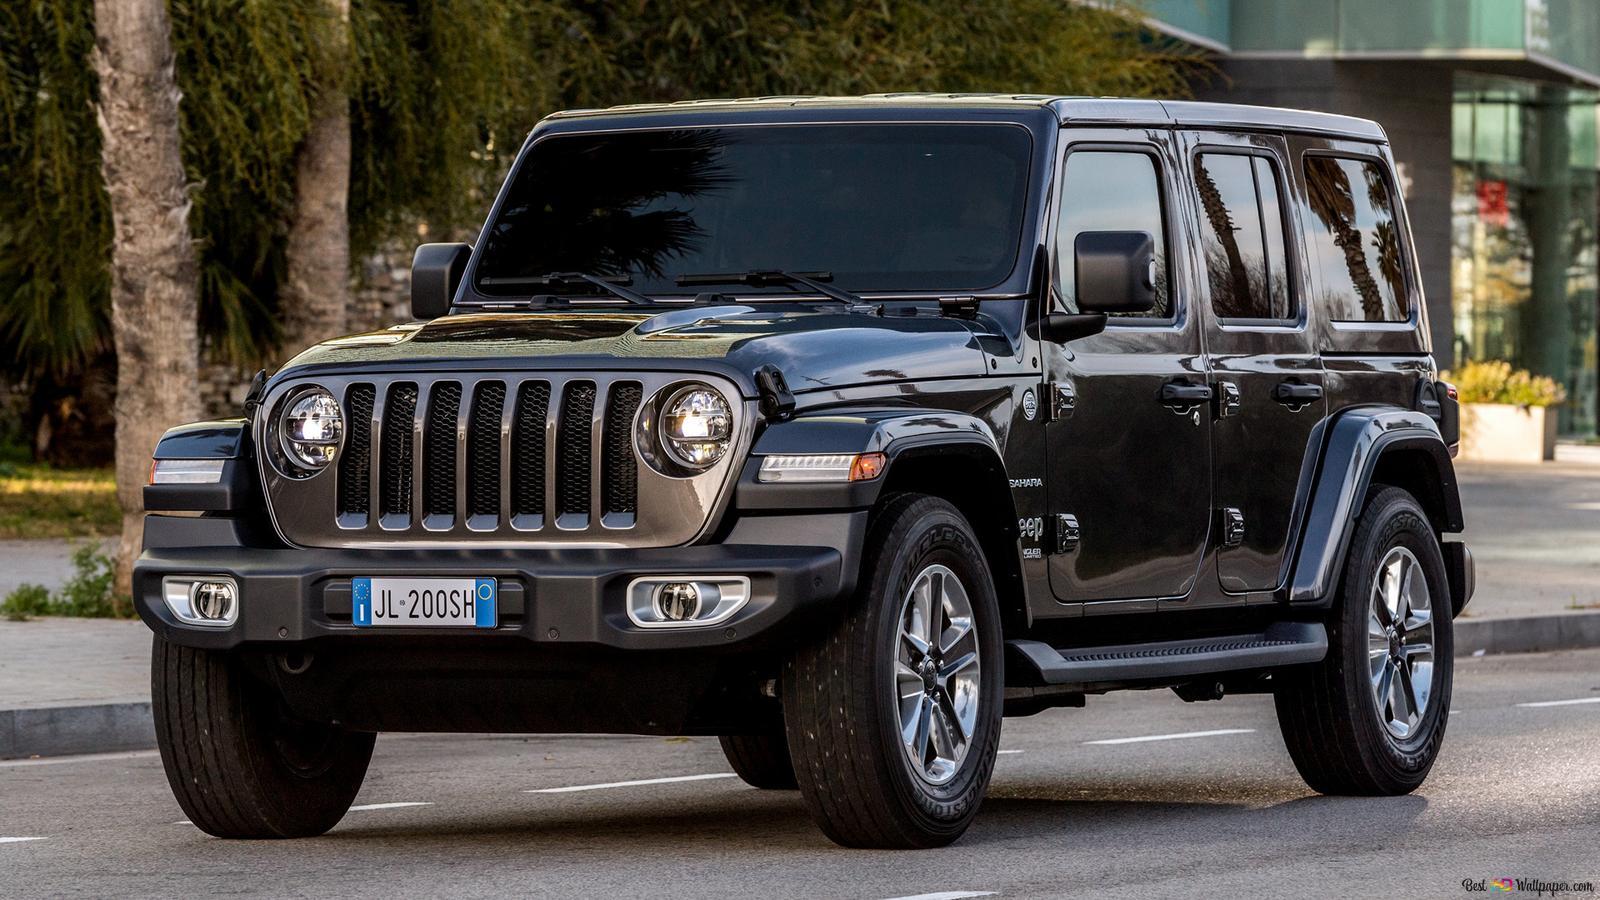 Descargar Fondo De Pantalla 2018 Jeep Wrangler Unlimited Sahara 01 Hd